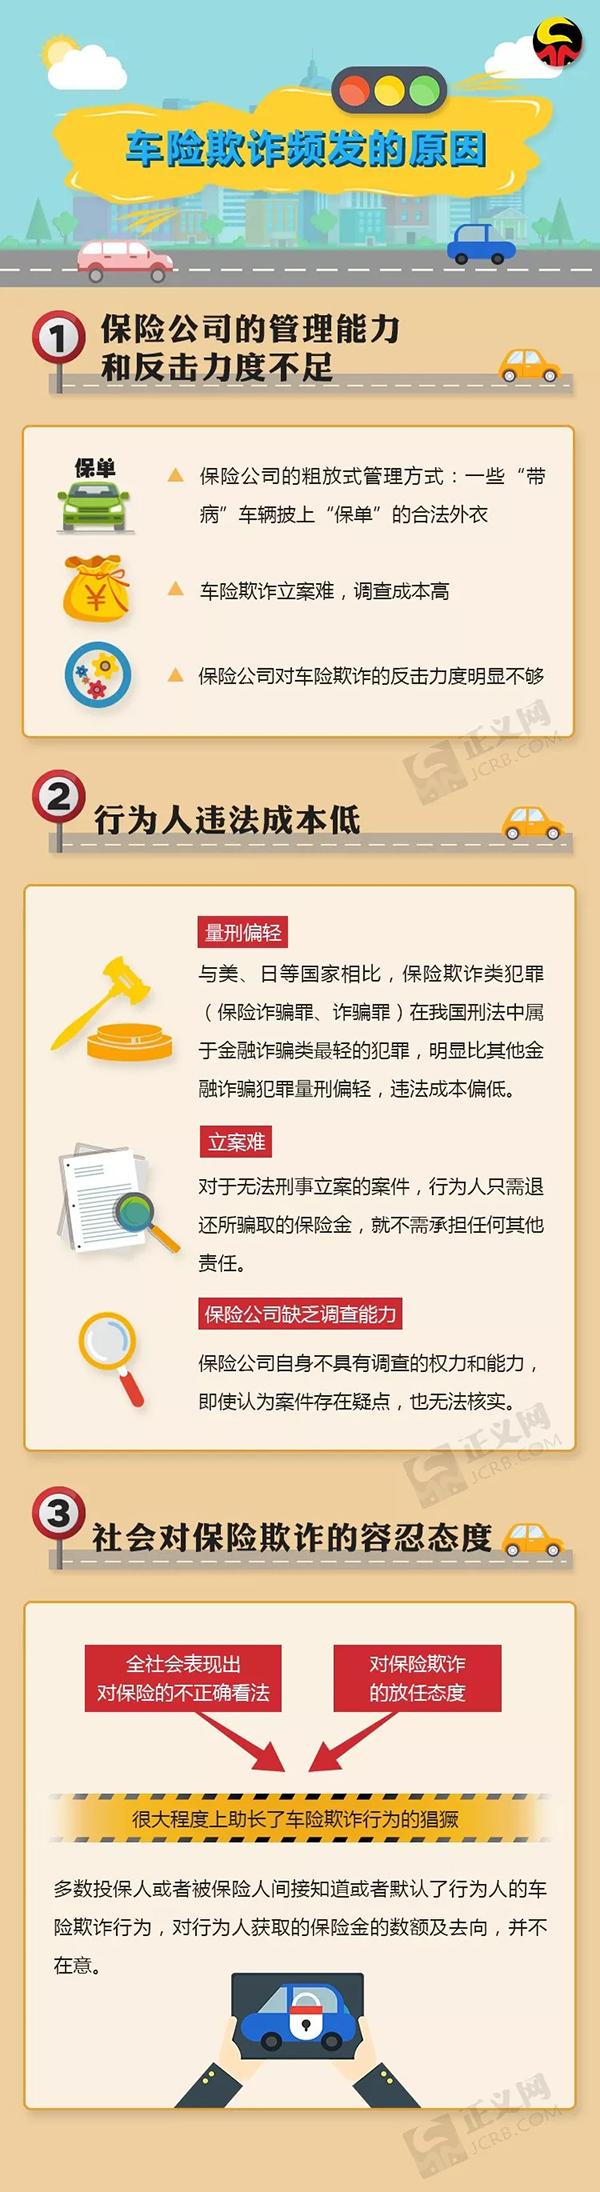 检察官揭秘北京近三年车险欺诈规律:过半涉案人员为专业人士